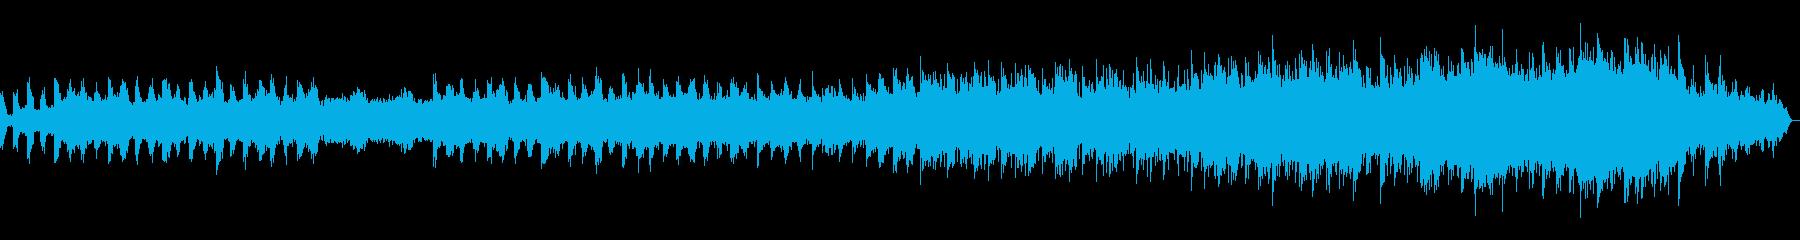 ゆっくりと陽射しが差し込むような楽曲の再生済みの波形